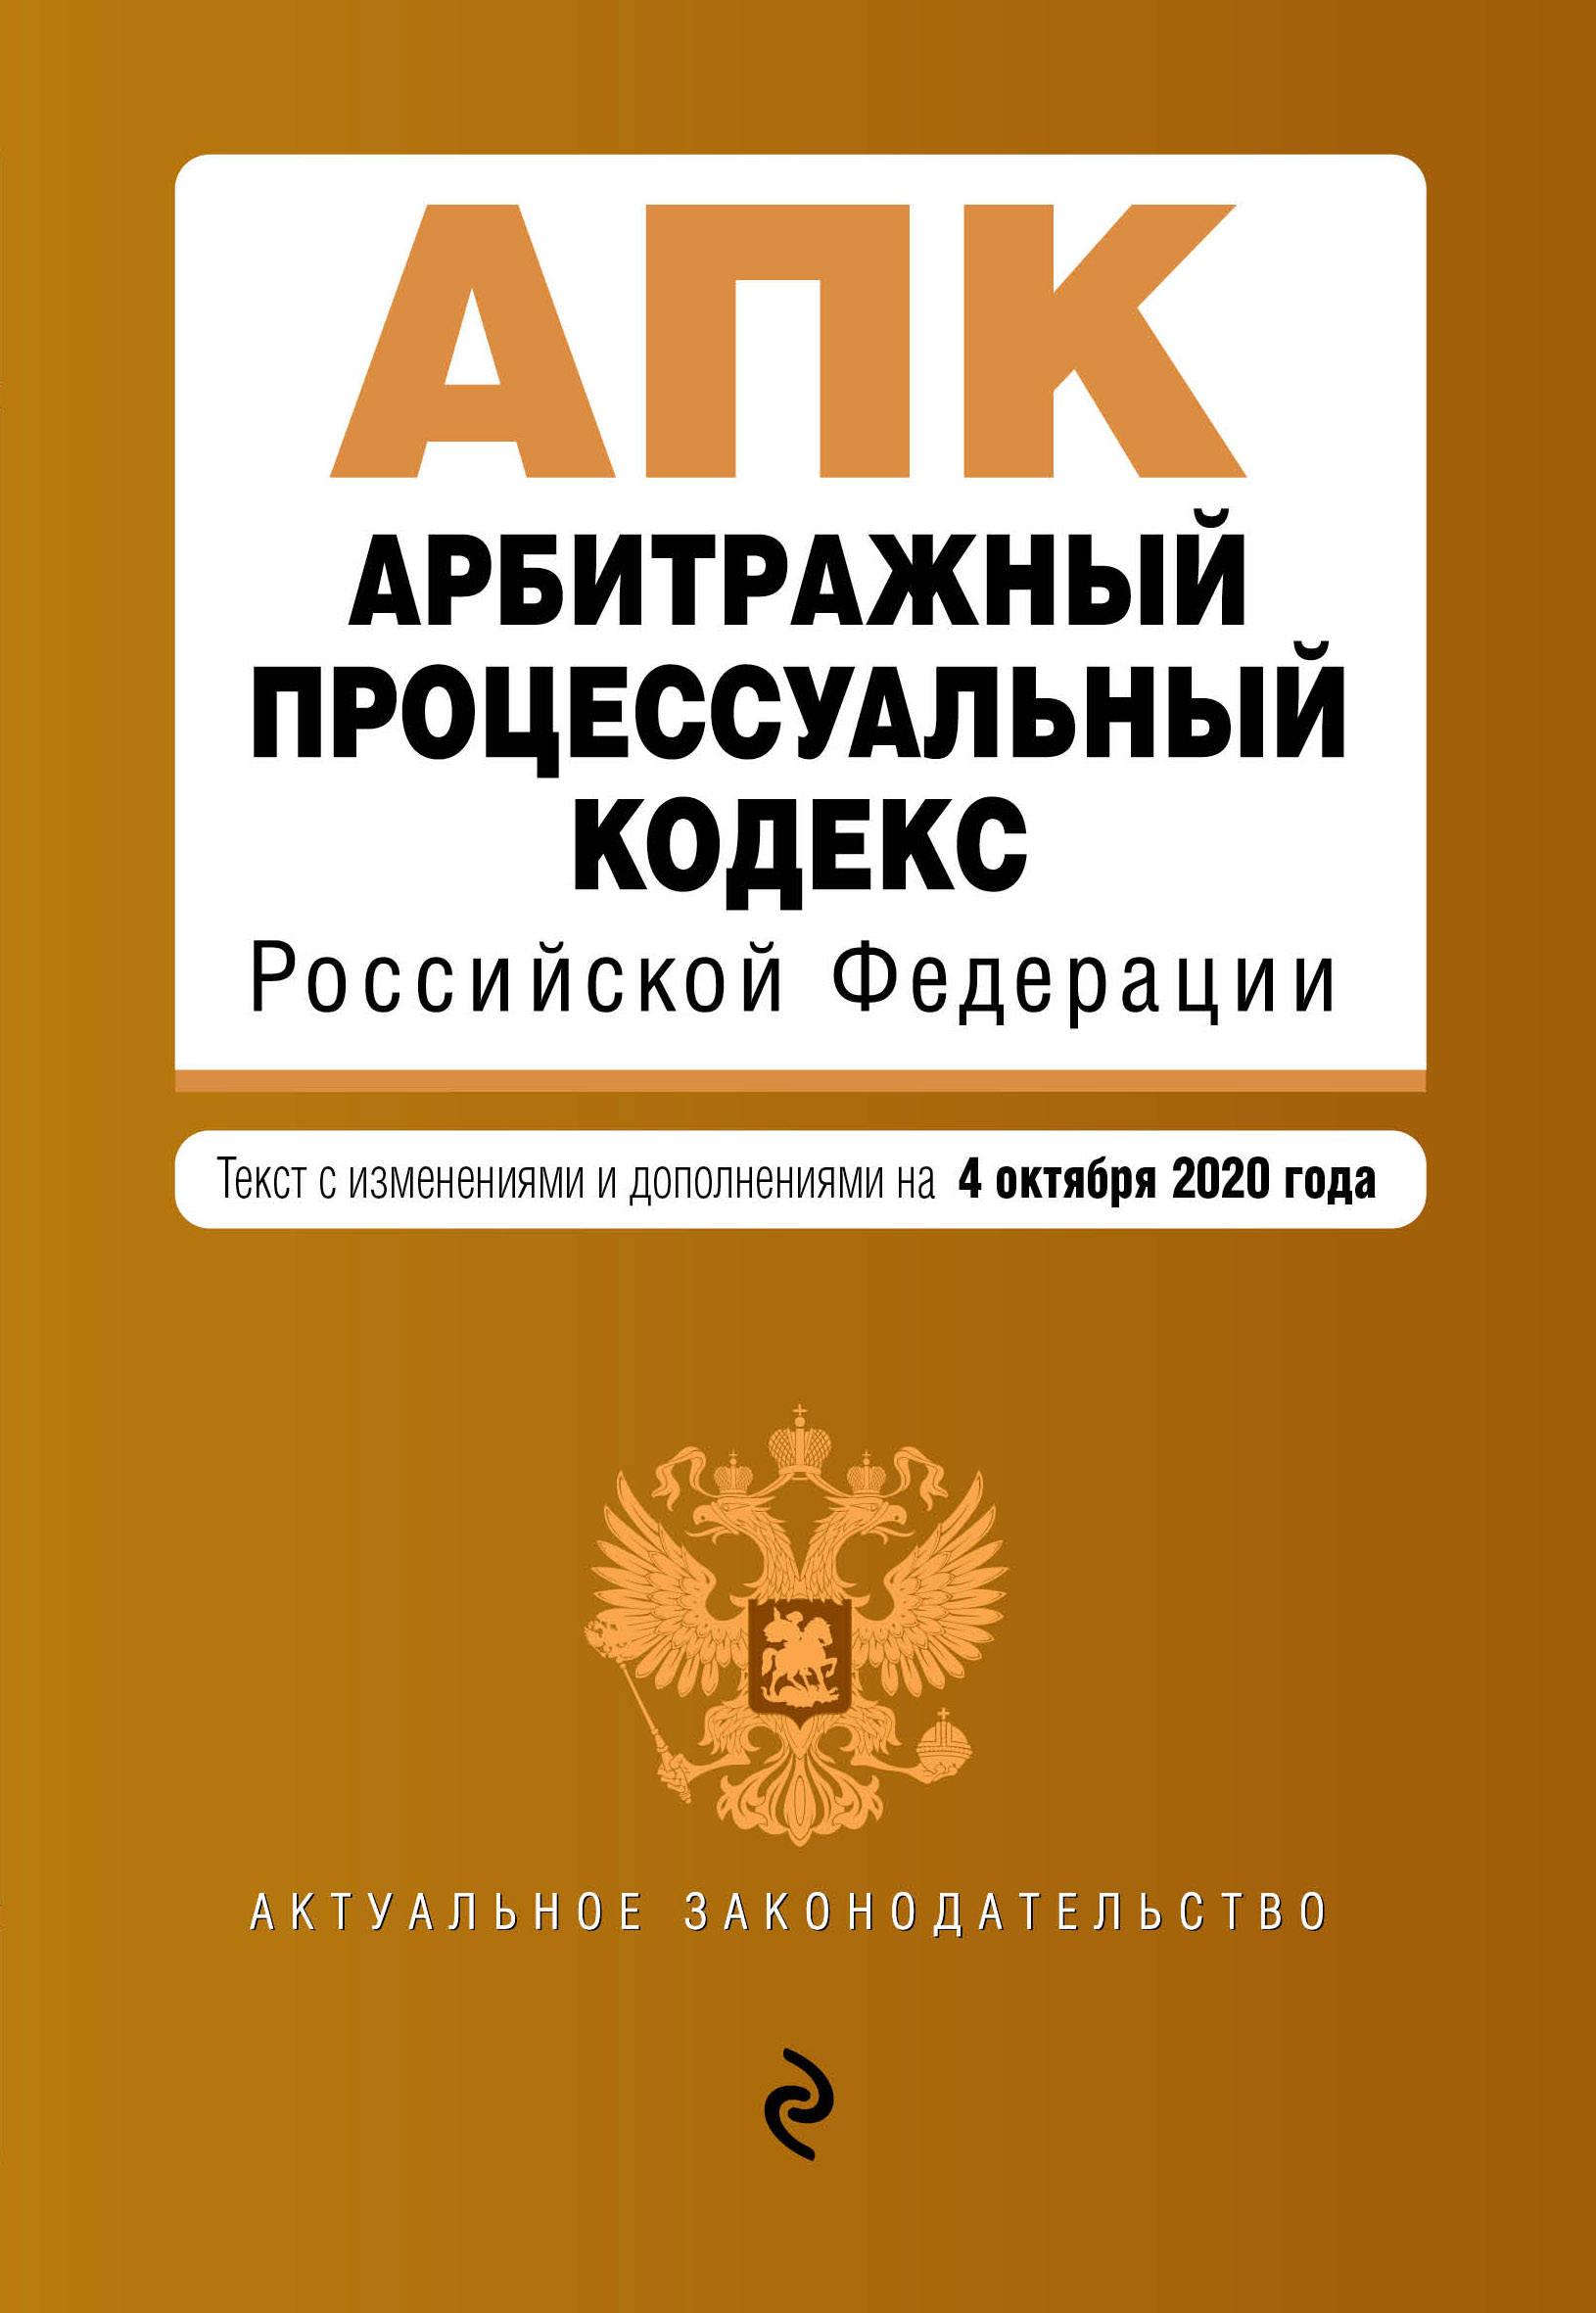 Арбитражный процессуальный кодекс Российской Федерации. Текст с изм. и доп. на 4 октября 2020 г.